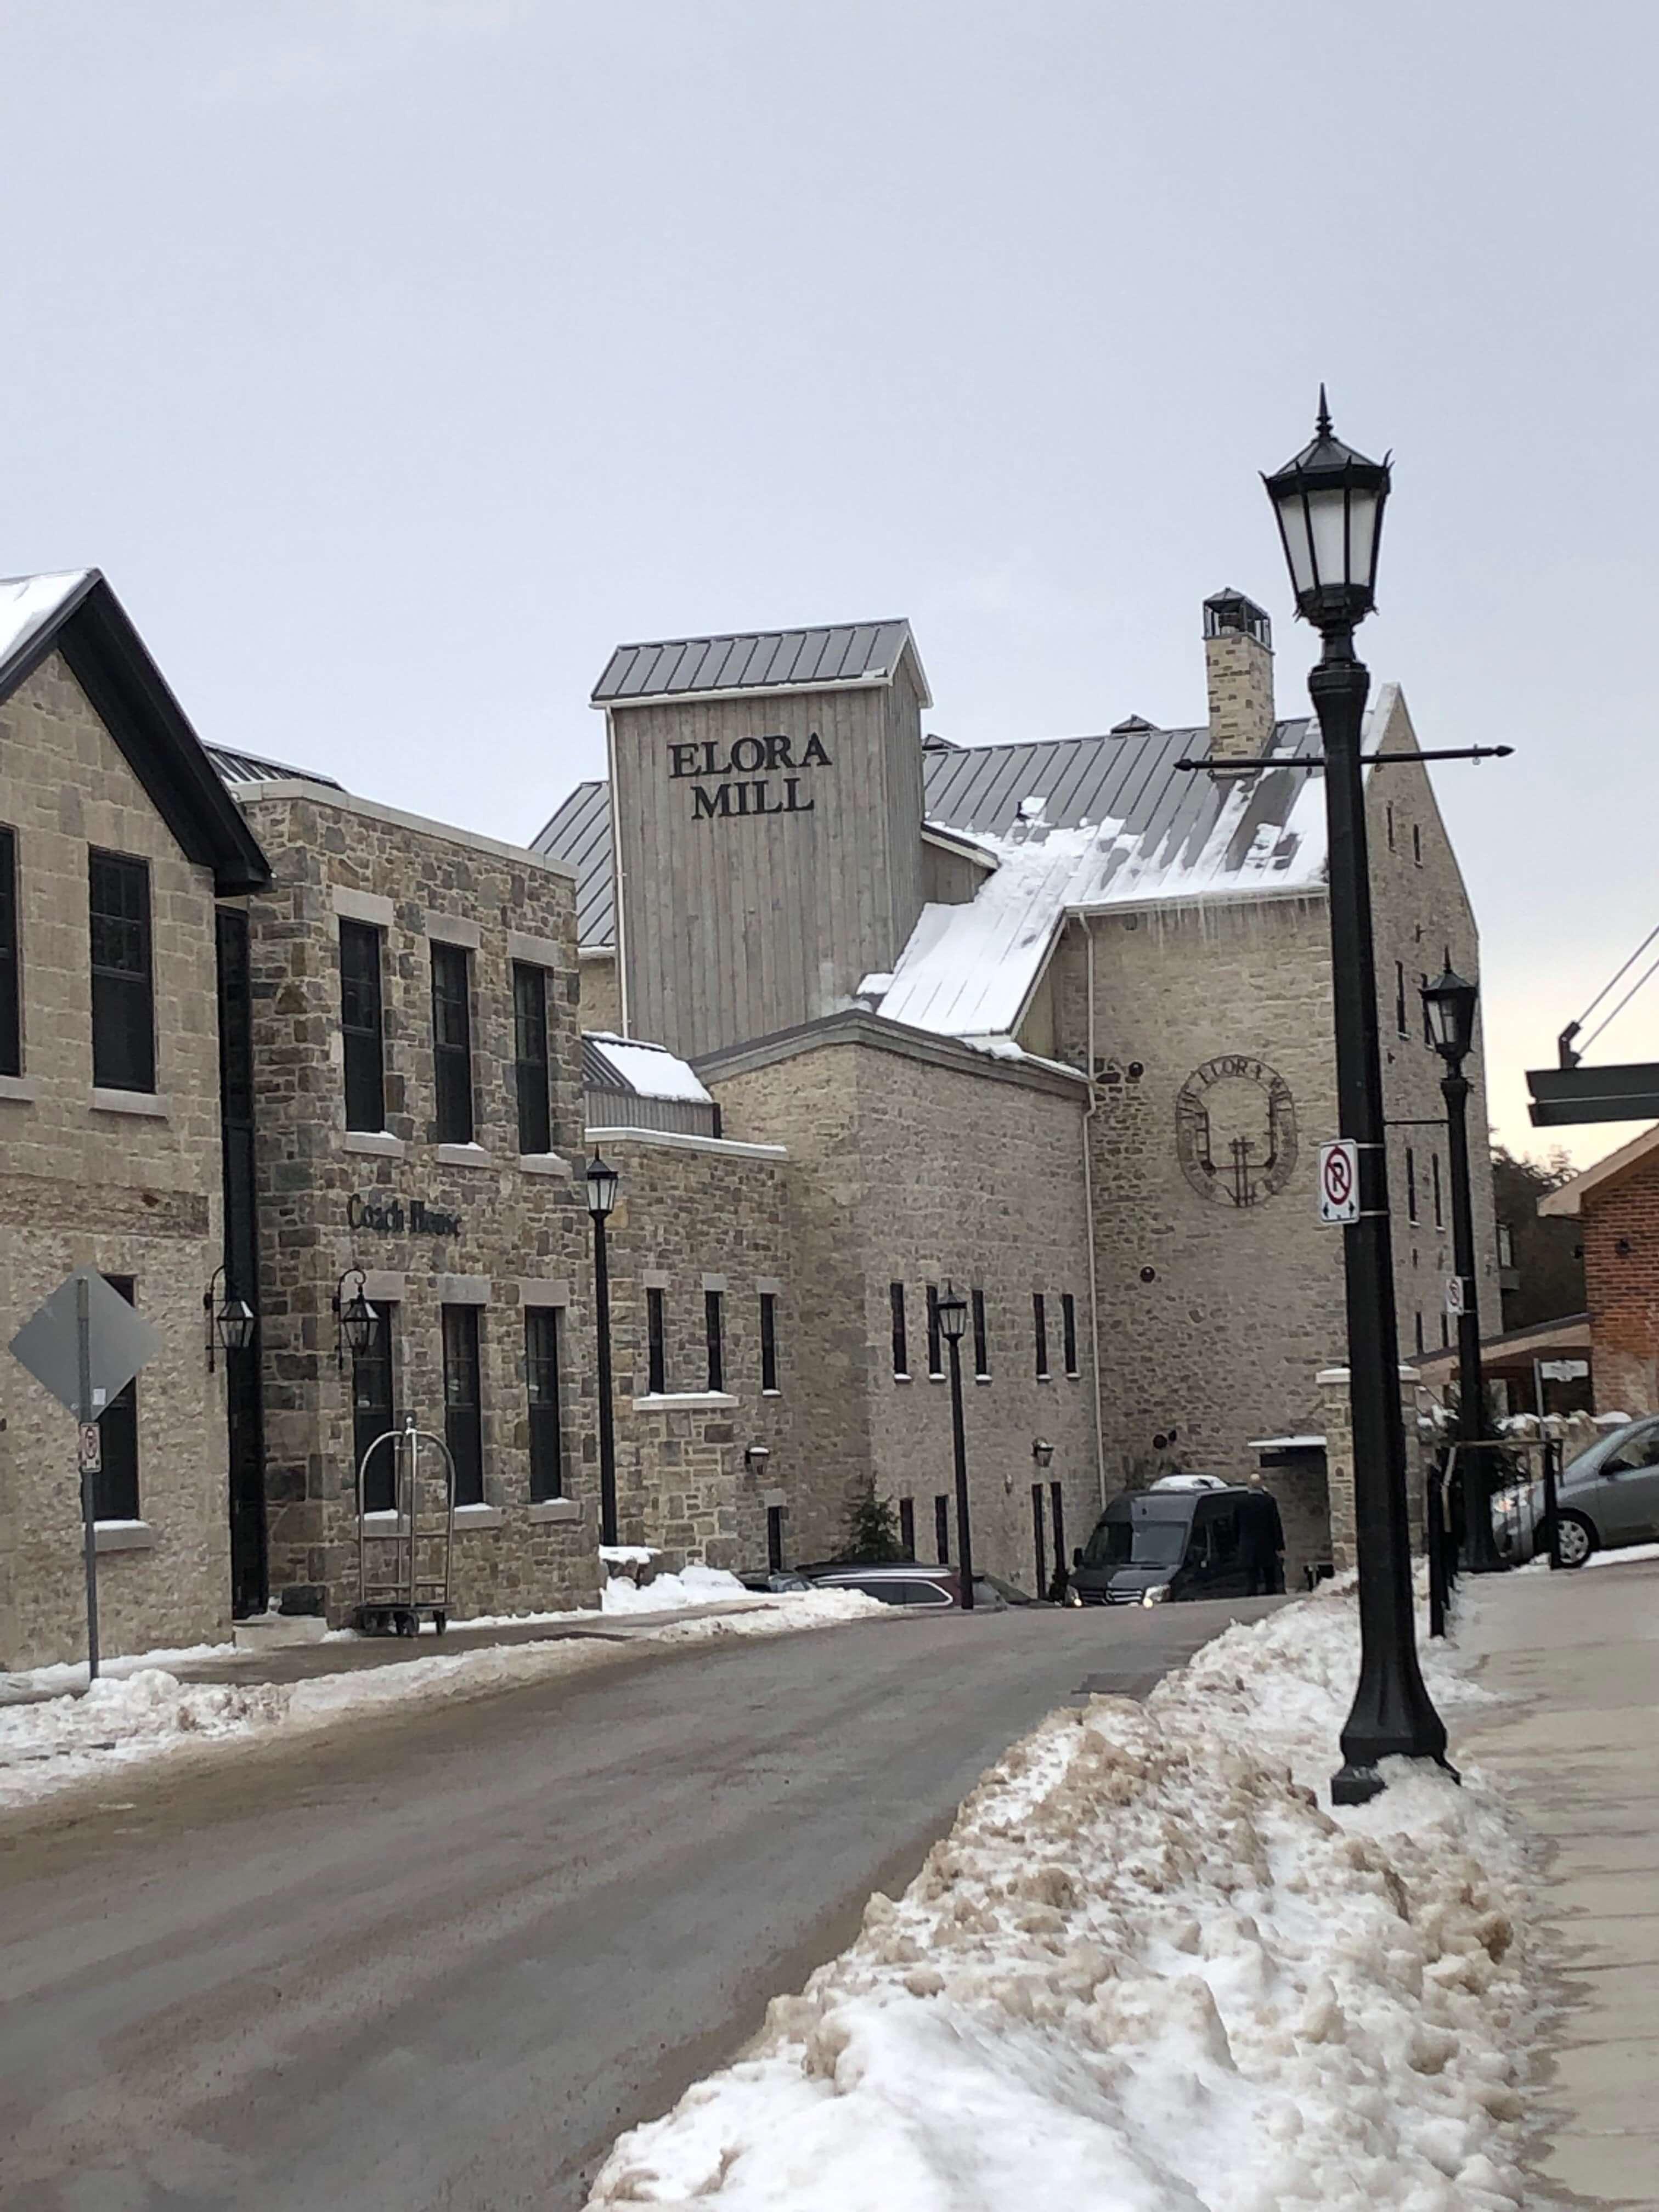 Elora Mill, Elora, Ontario